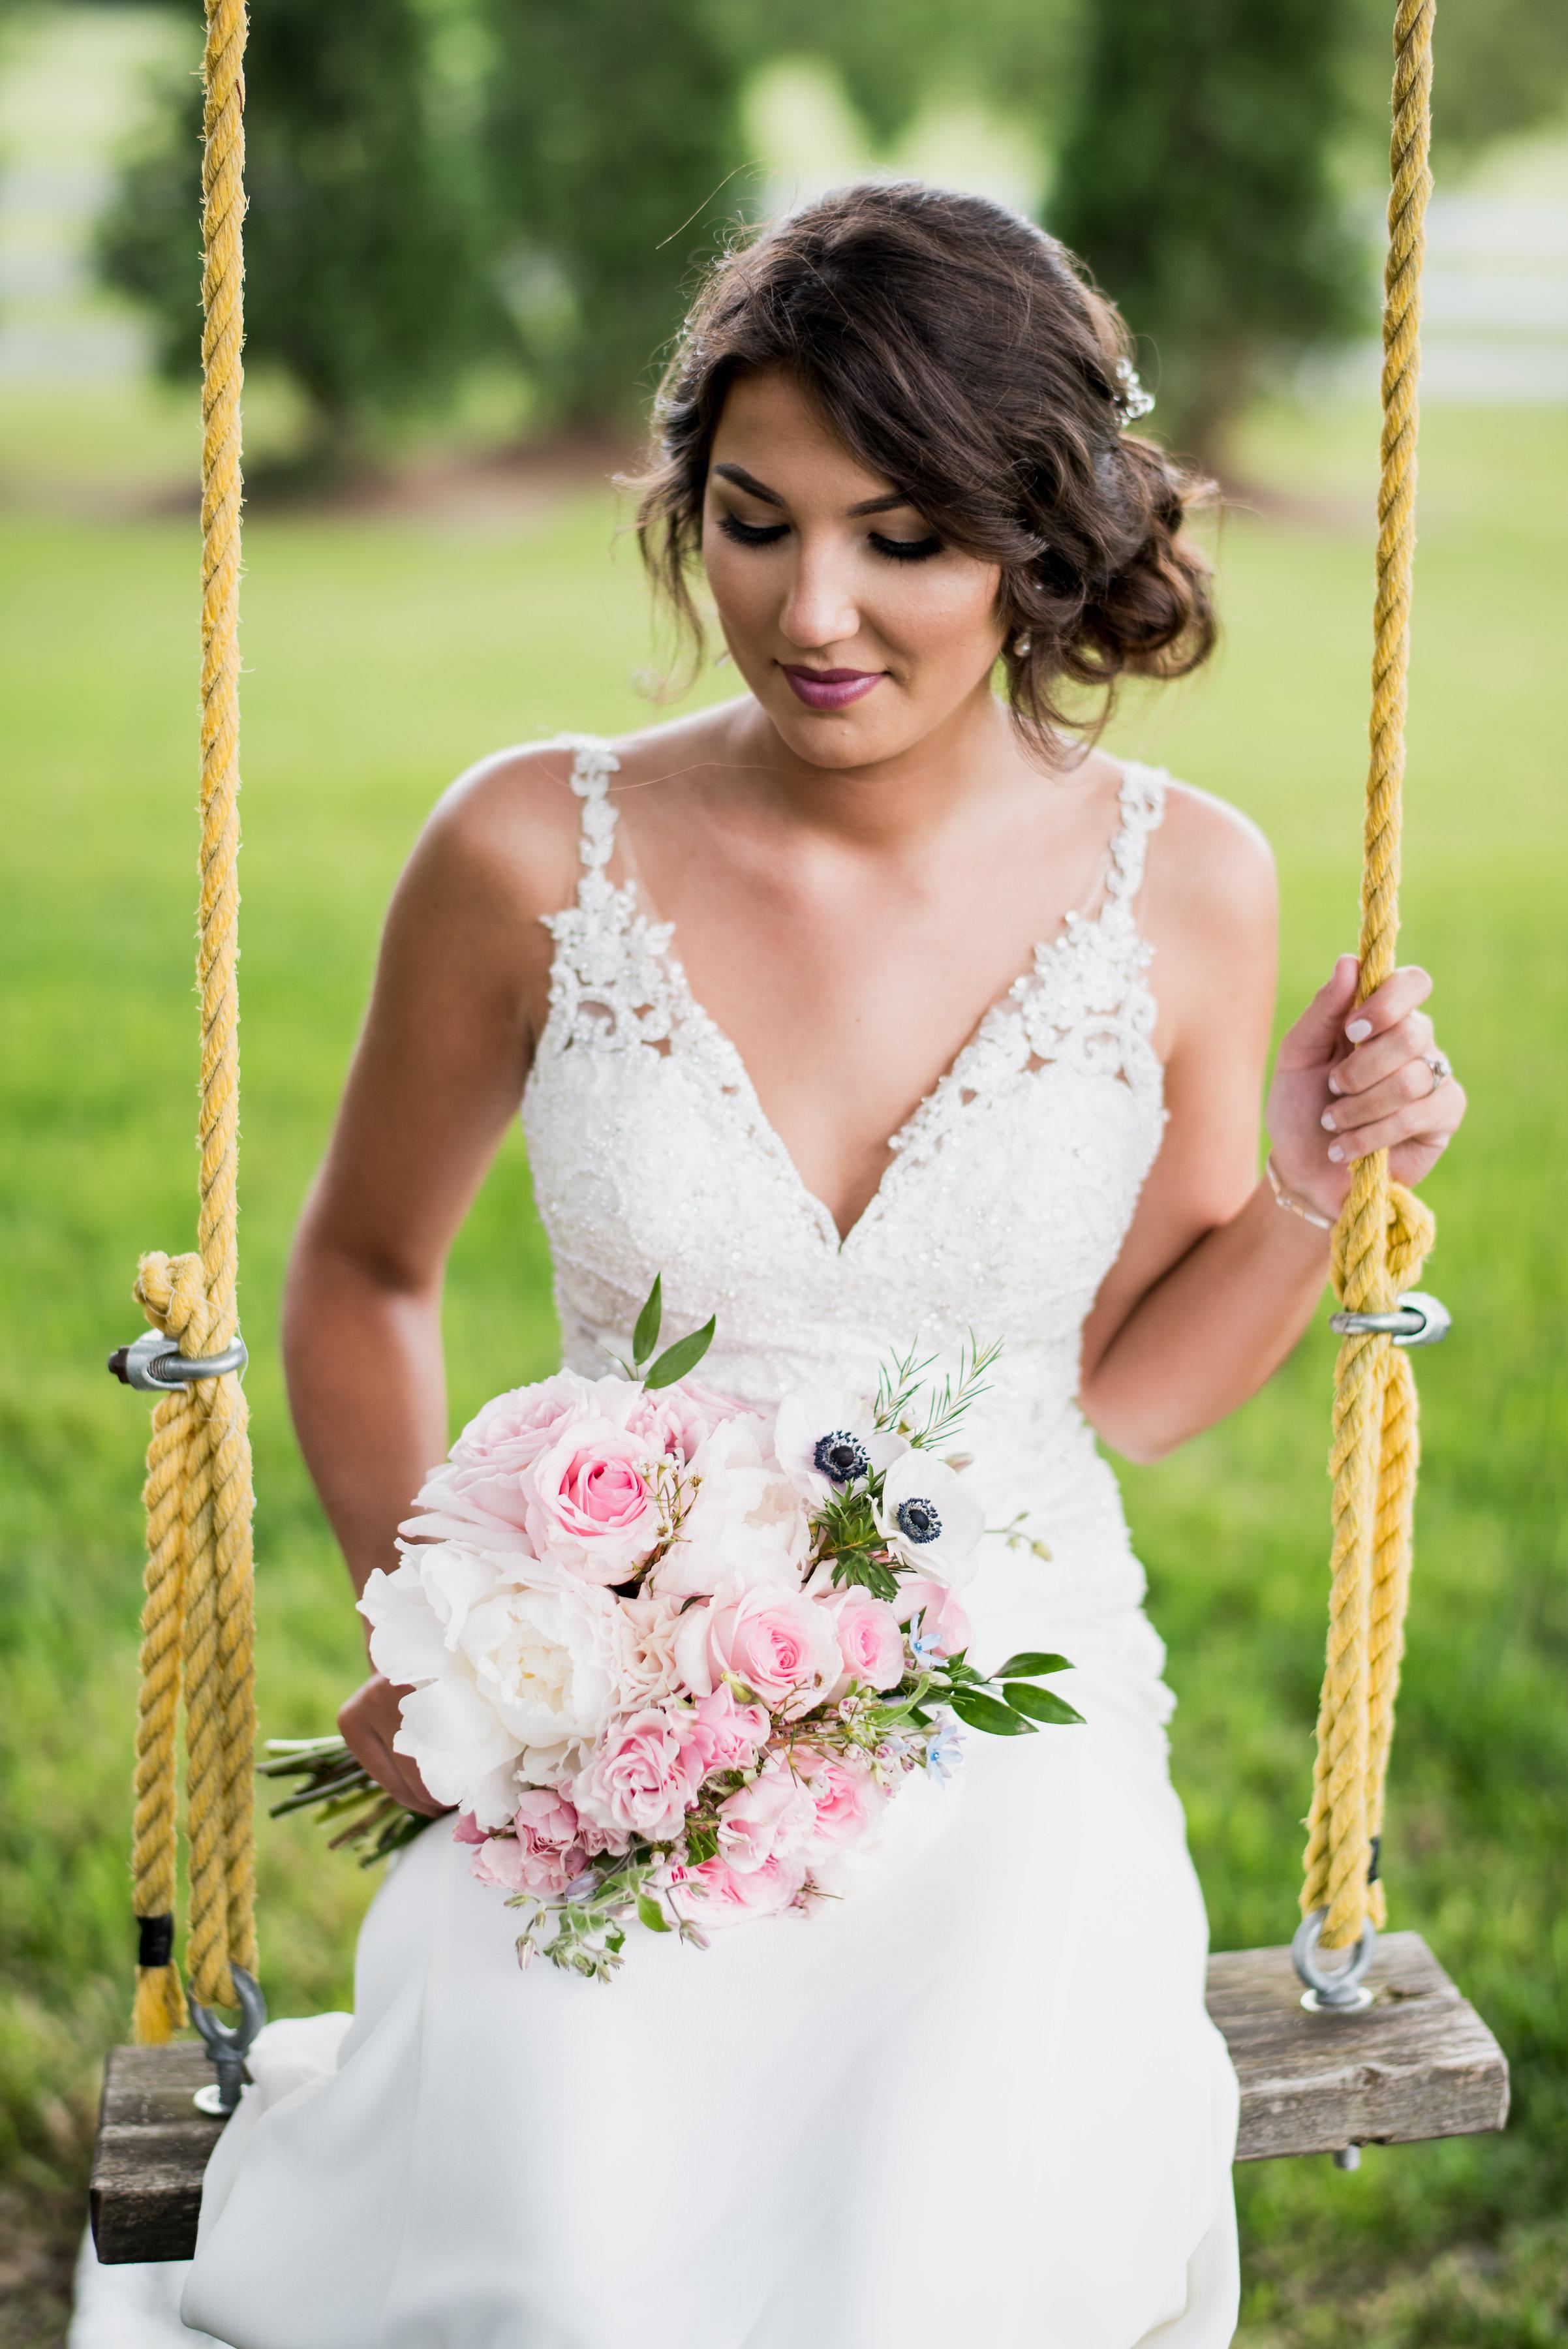 Saddlewood-Farms-Nashville-Wedding-Photographers-270.jpg